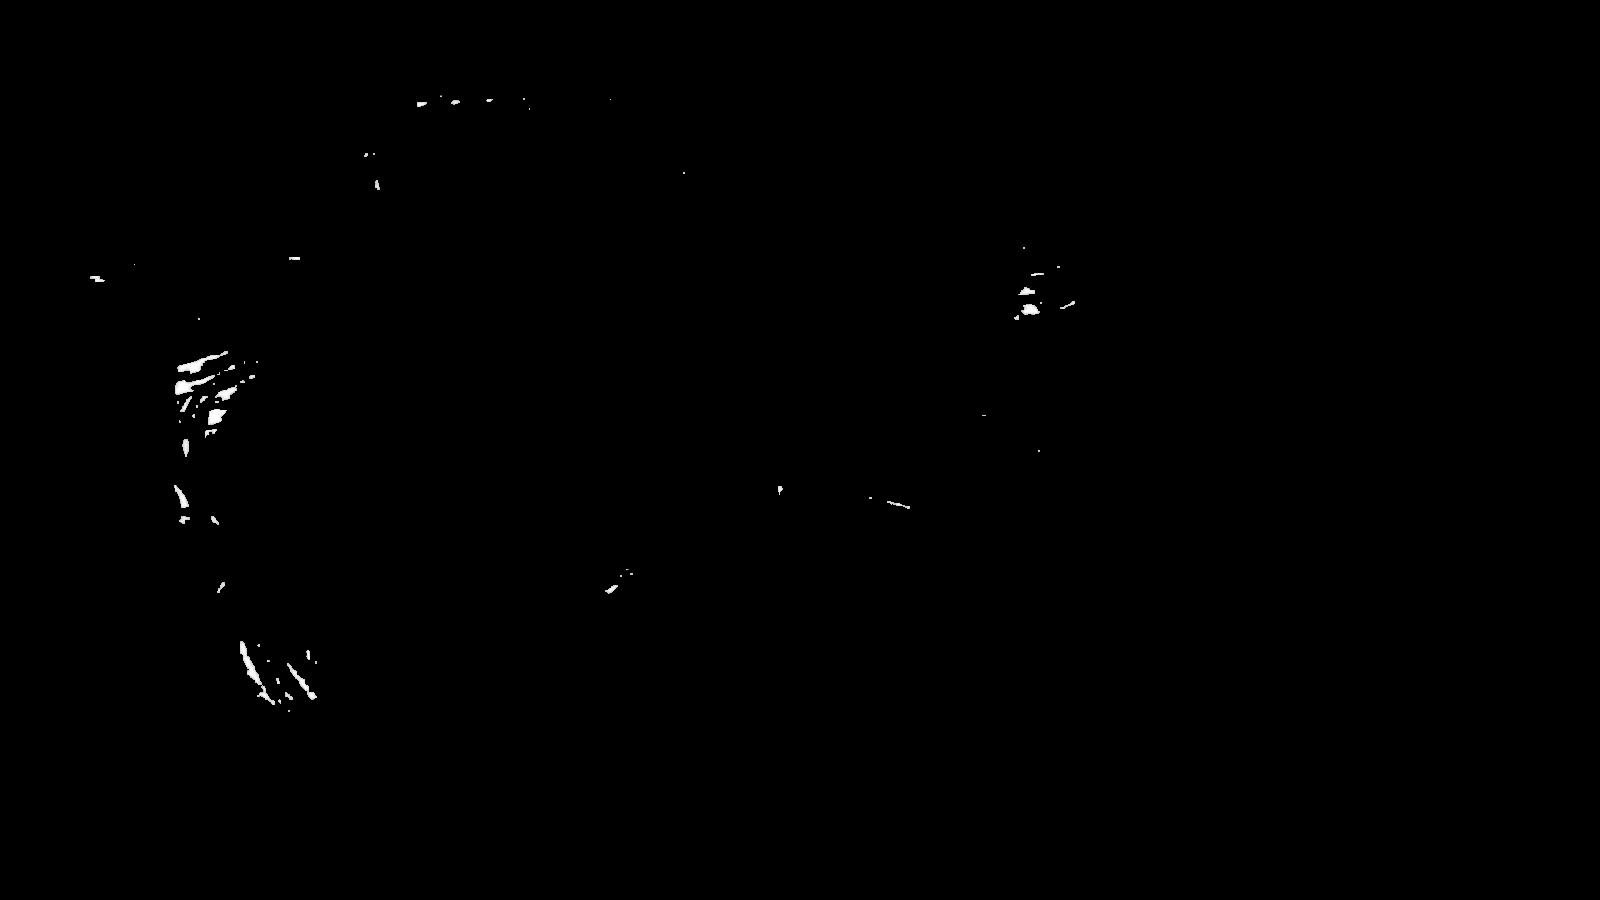 Borrão de tinta 5_fundo preto png